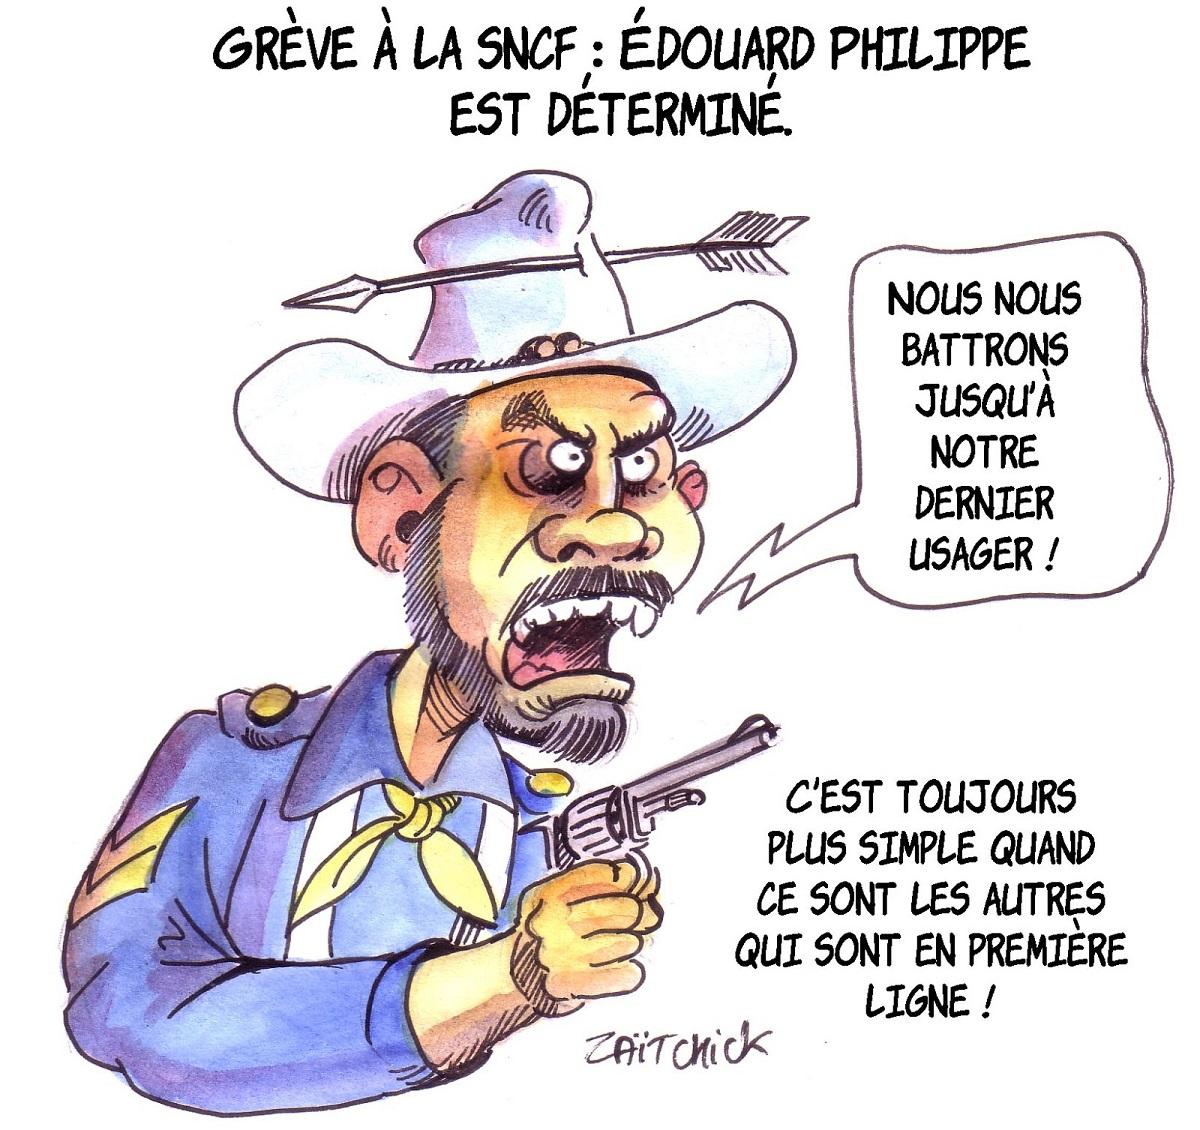 dessin d'actualité humoristique montrant Édouard Philippe en Little Big Man